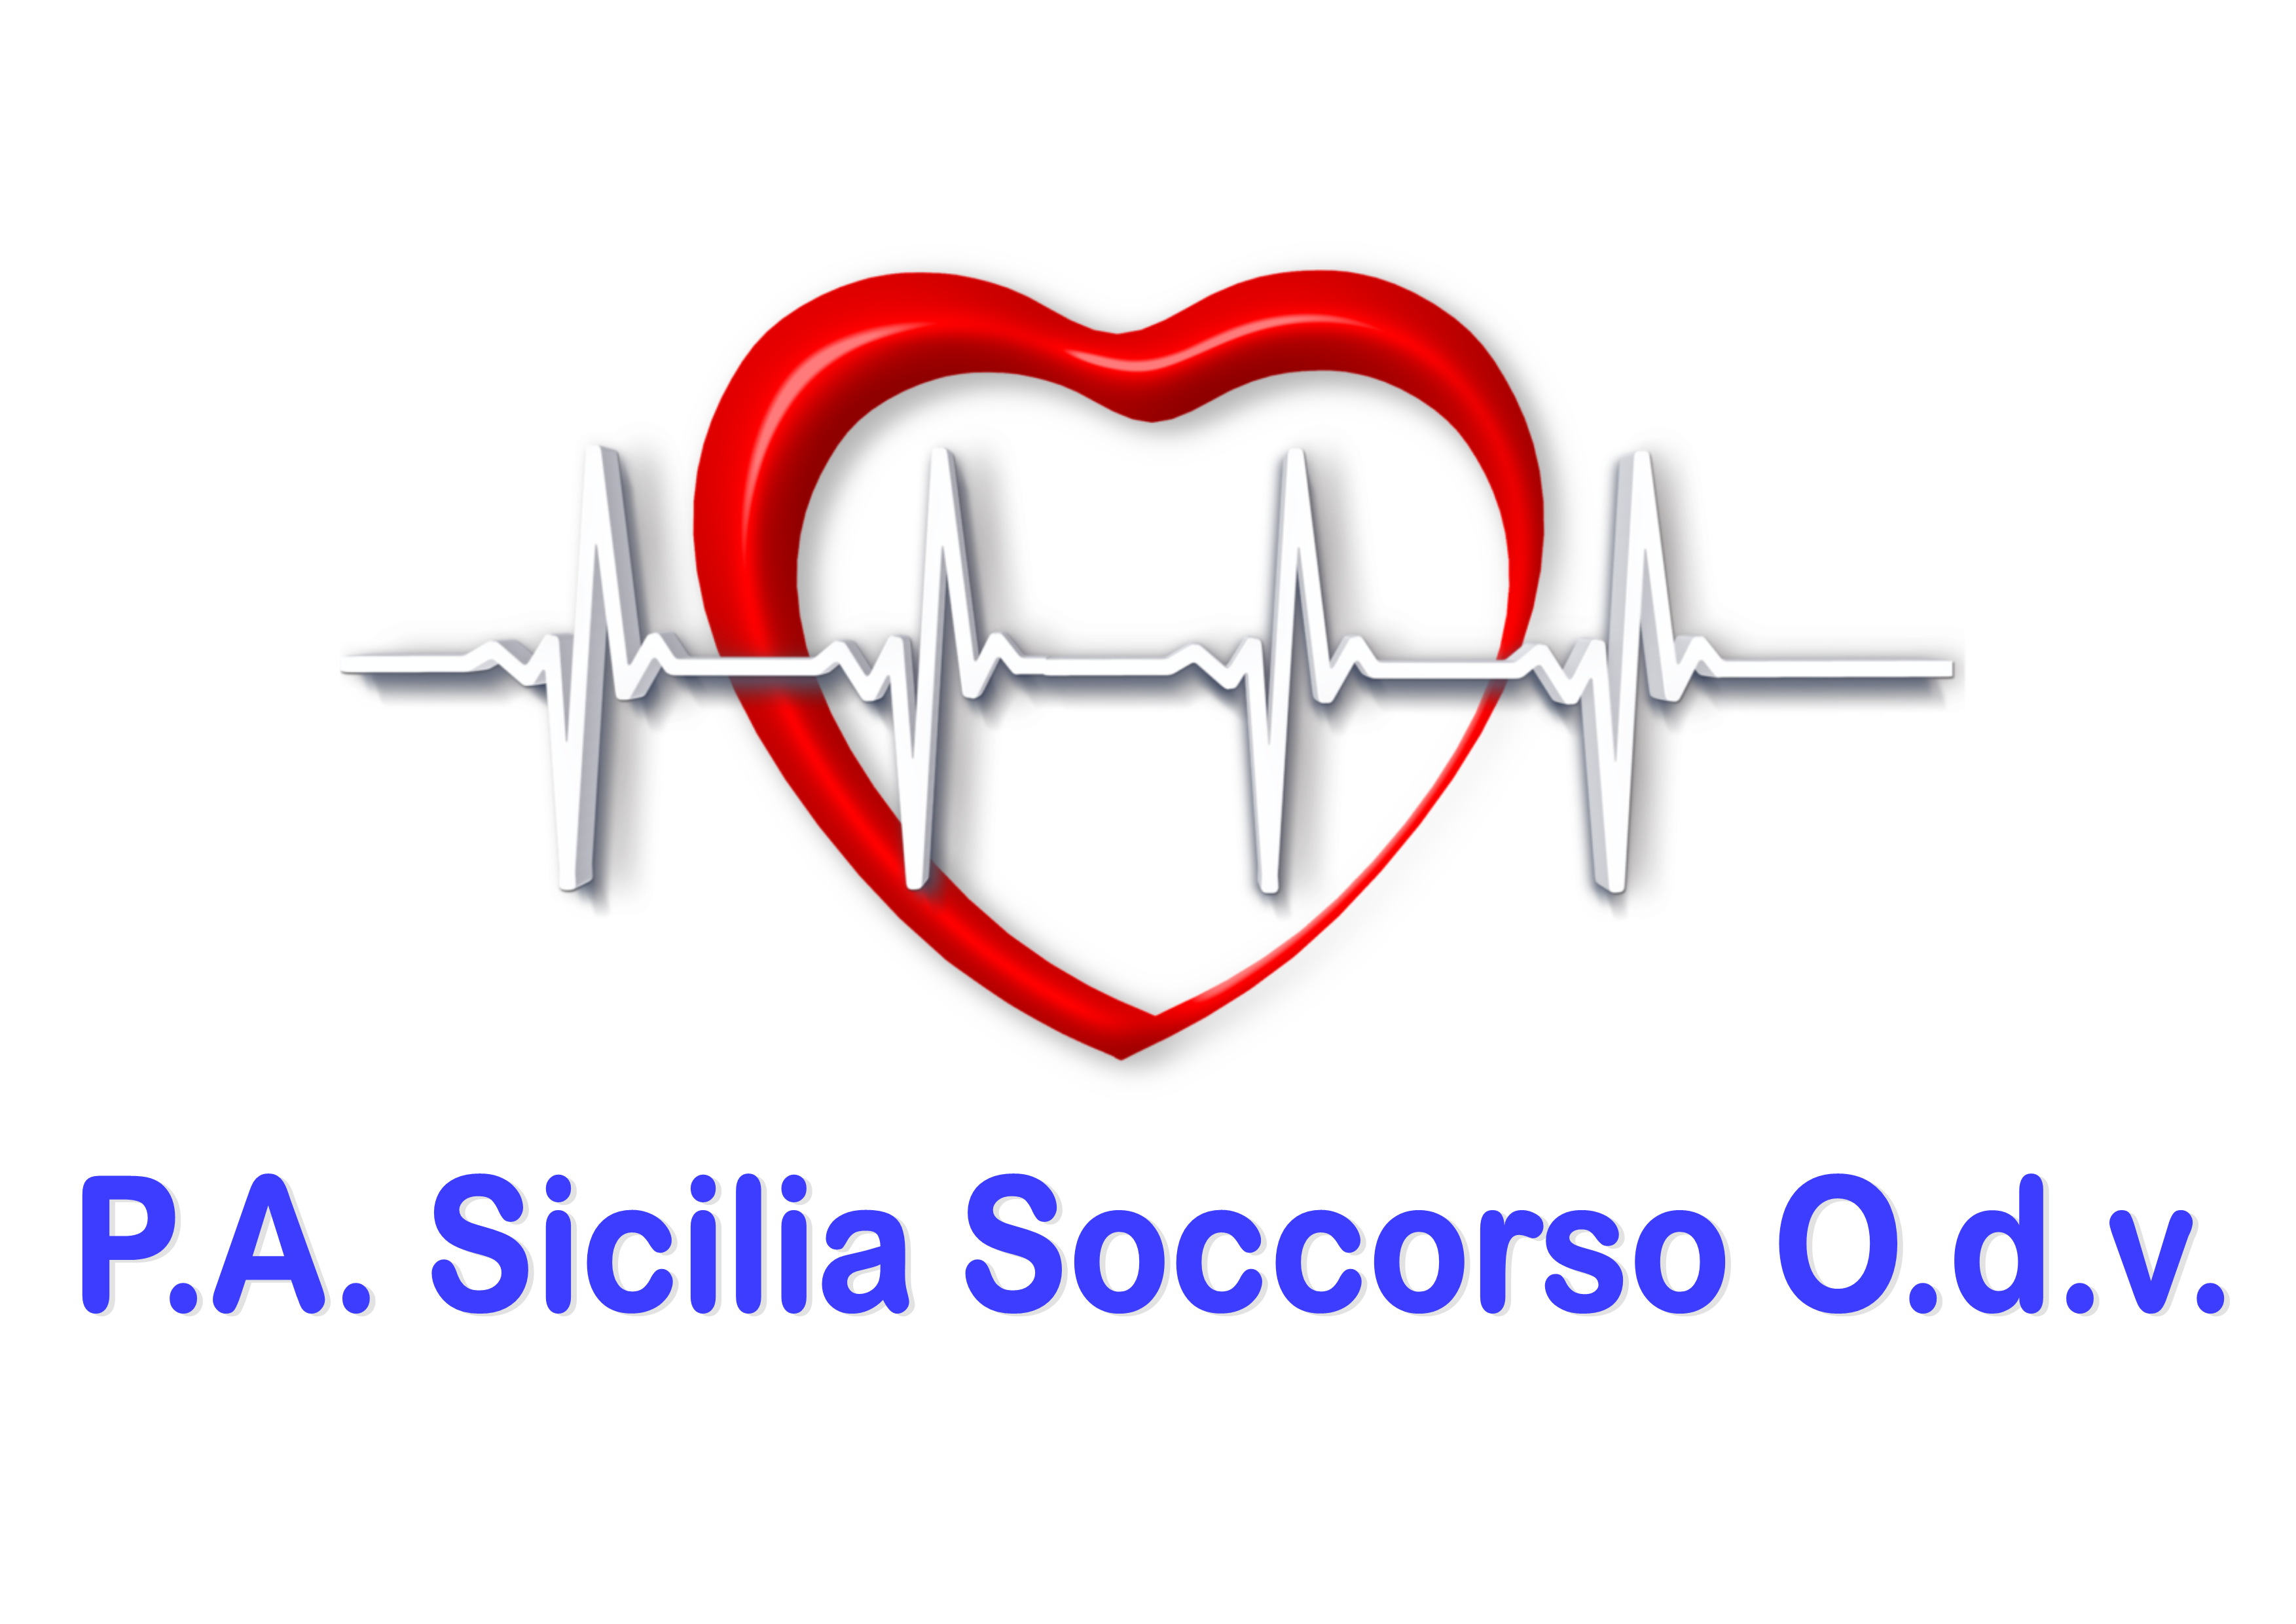 P.A. SICILIA SOCCORSO O.D.V.